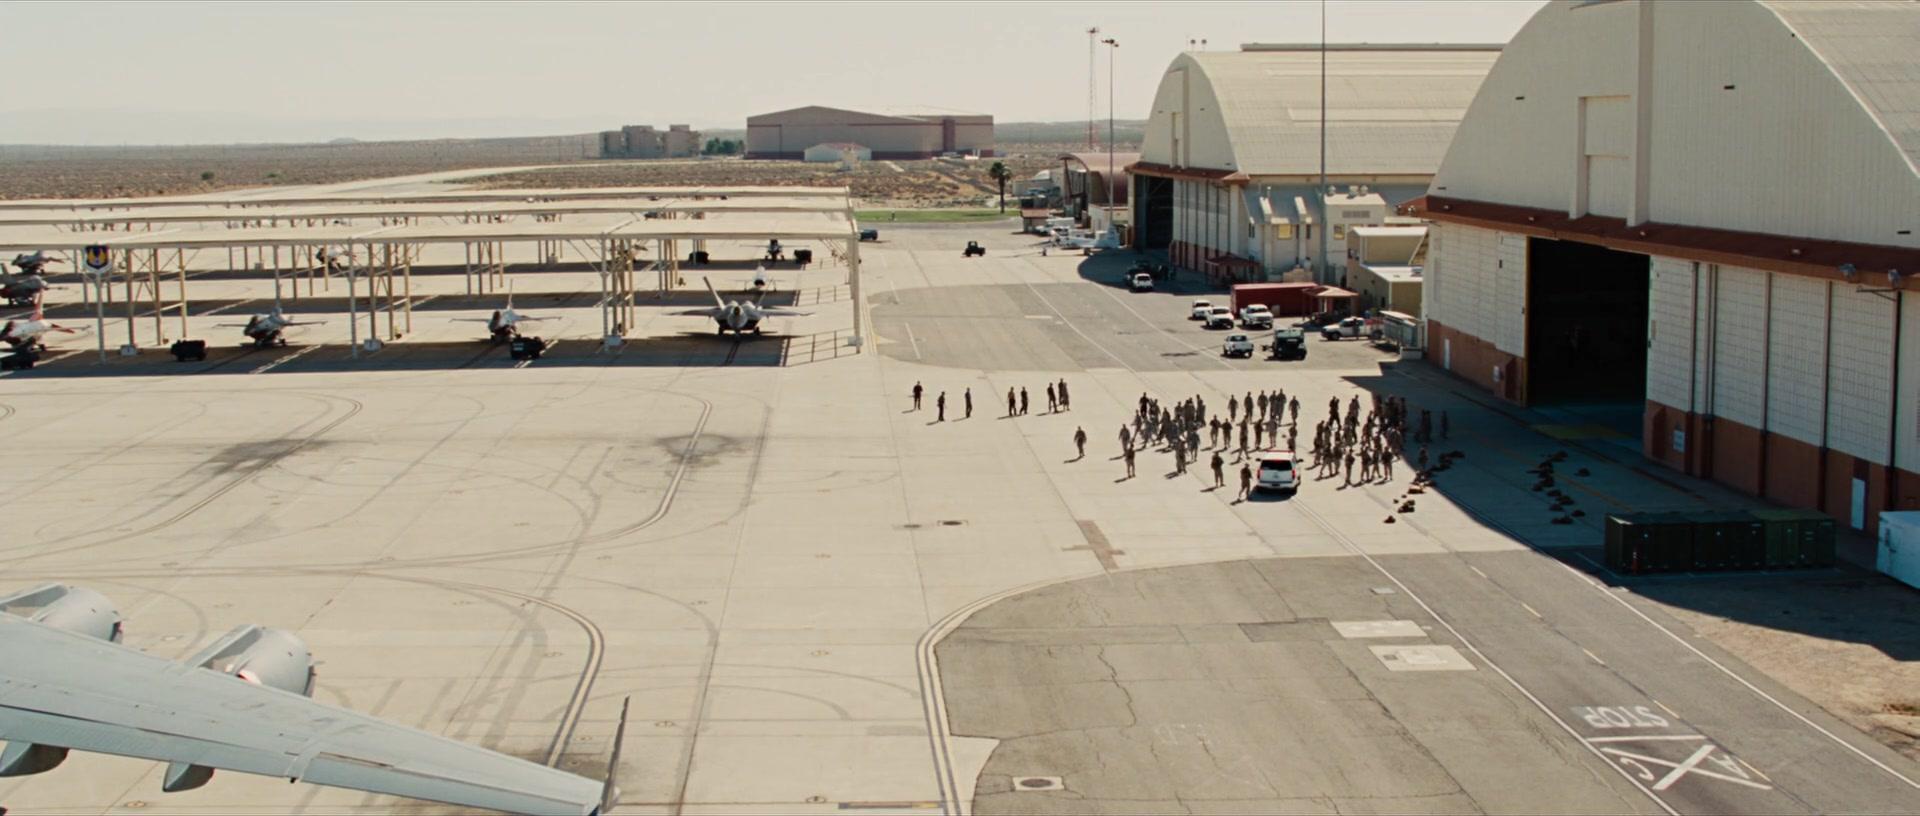 Base de la Fuerza Aérea Edwards